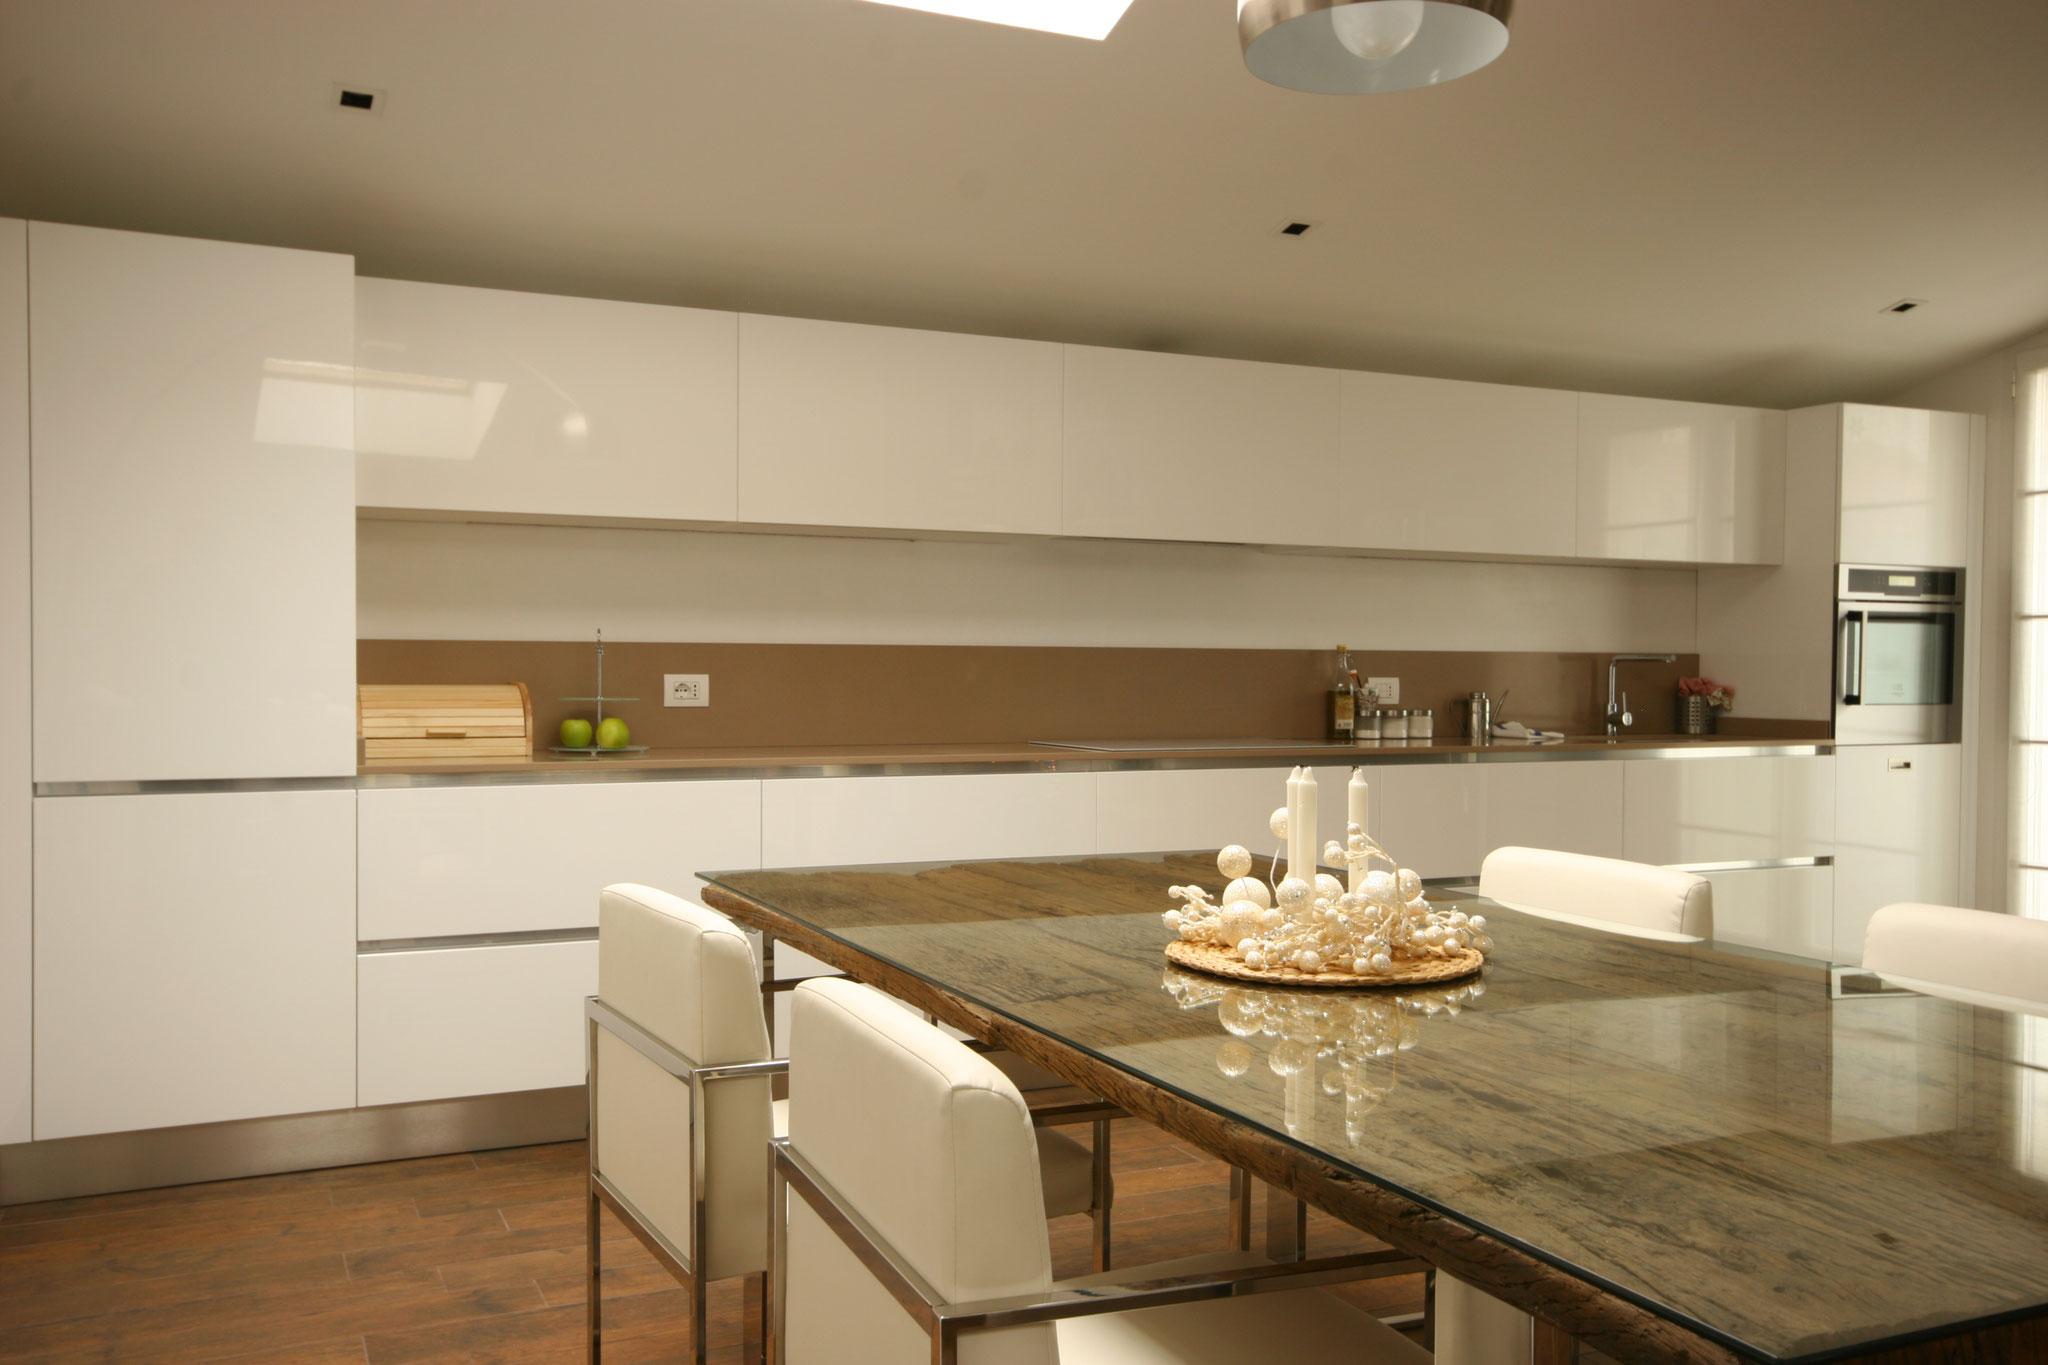 Squadrani arredamenti e cucine su misura a rimini for Arredamenti rimini e provincia